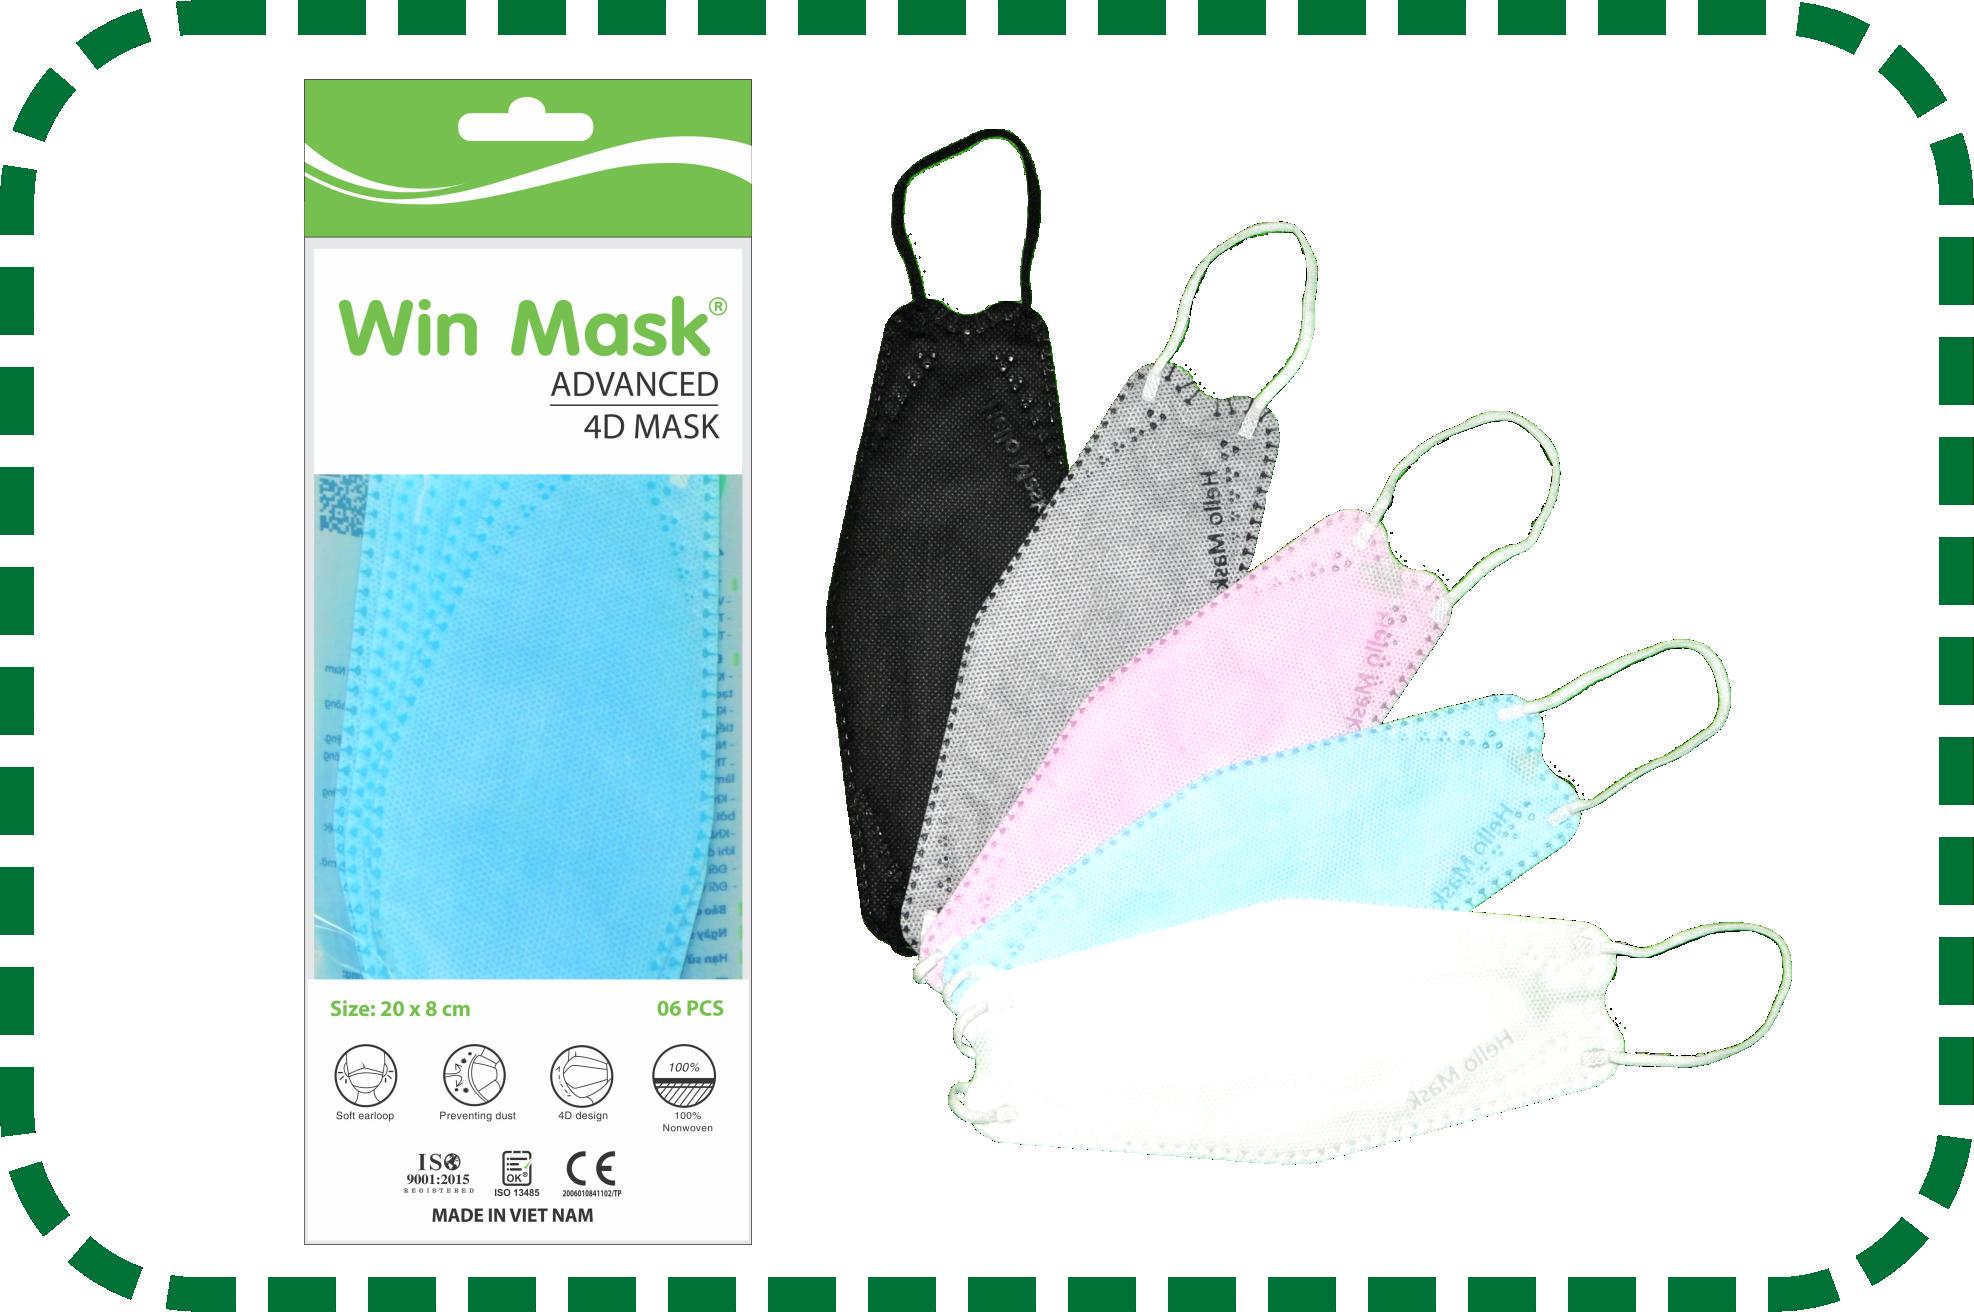 Khẩu Trang Hàn Quốc Win_Mask